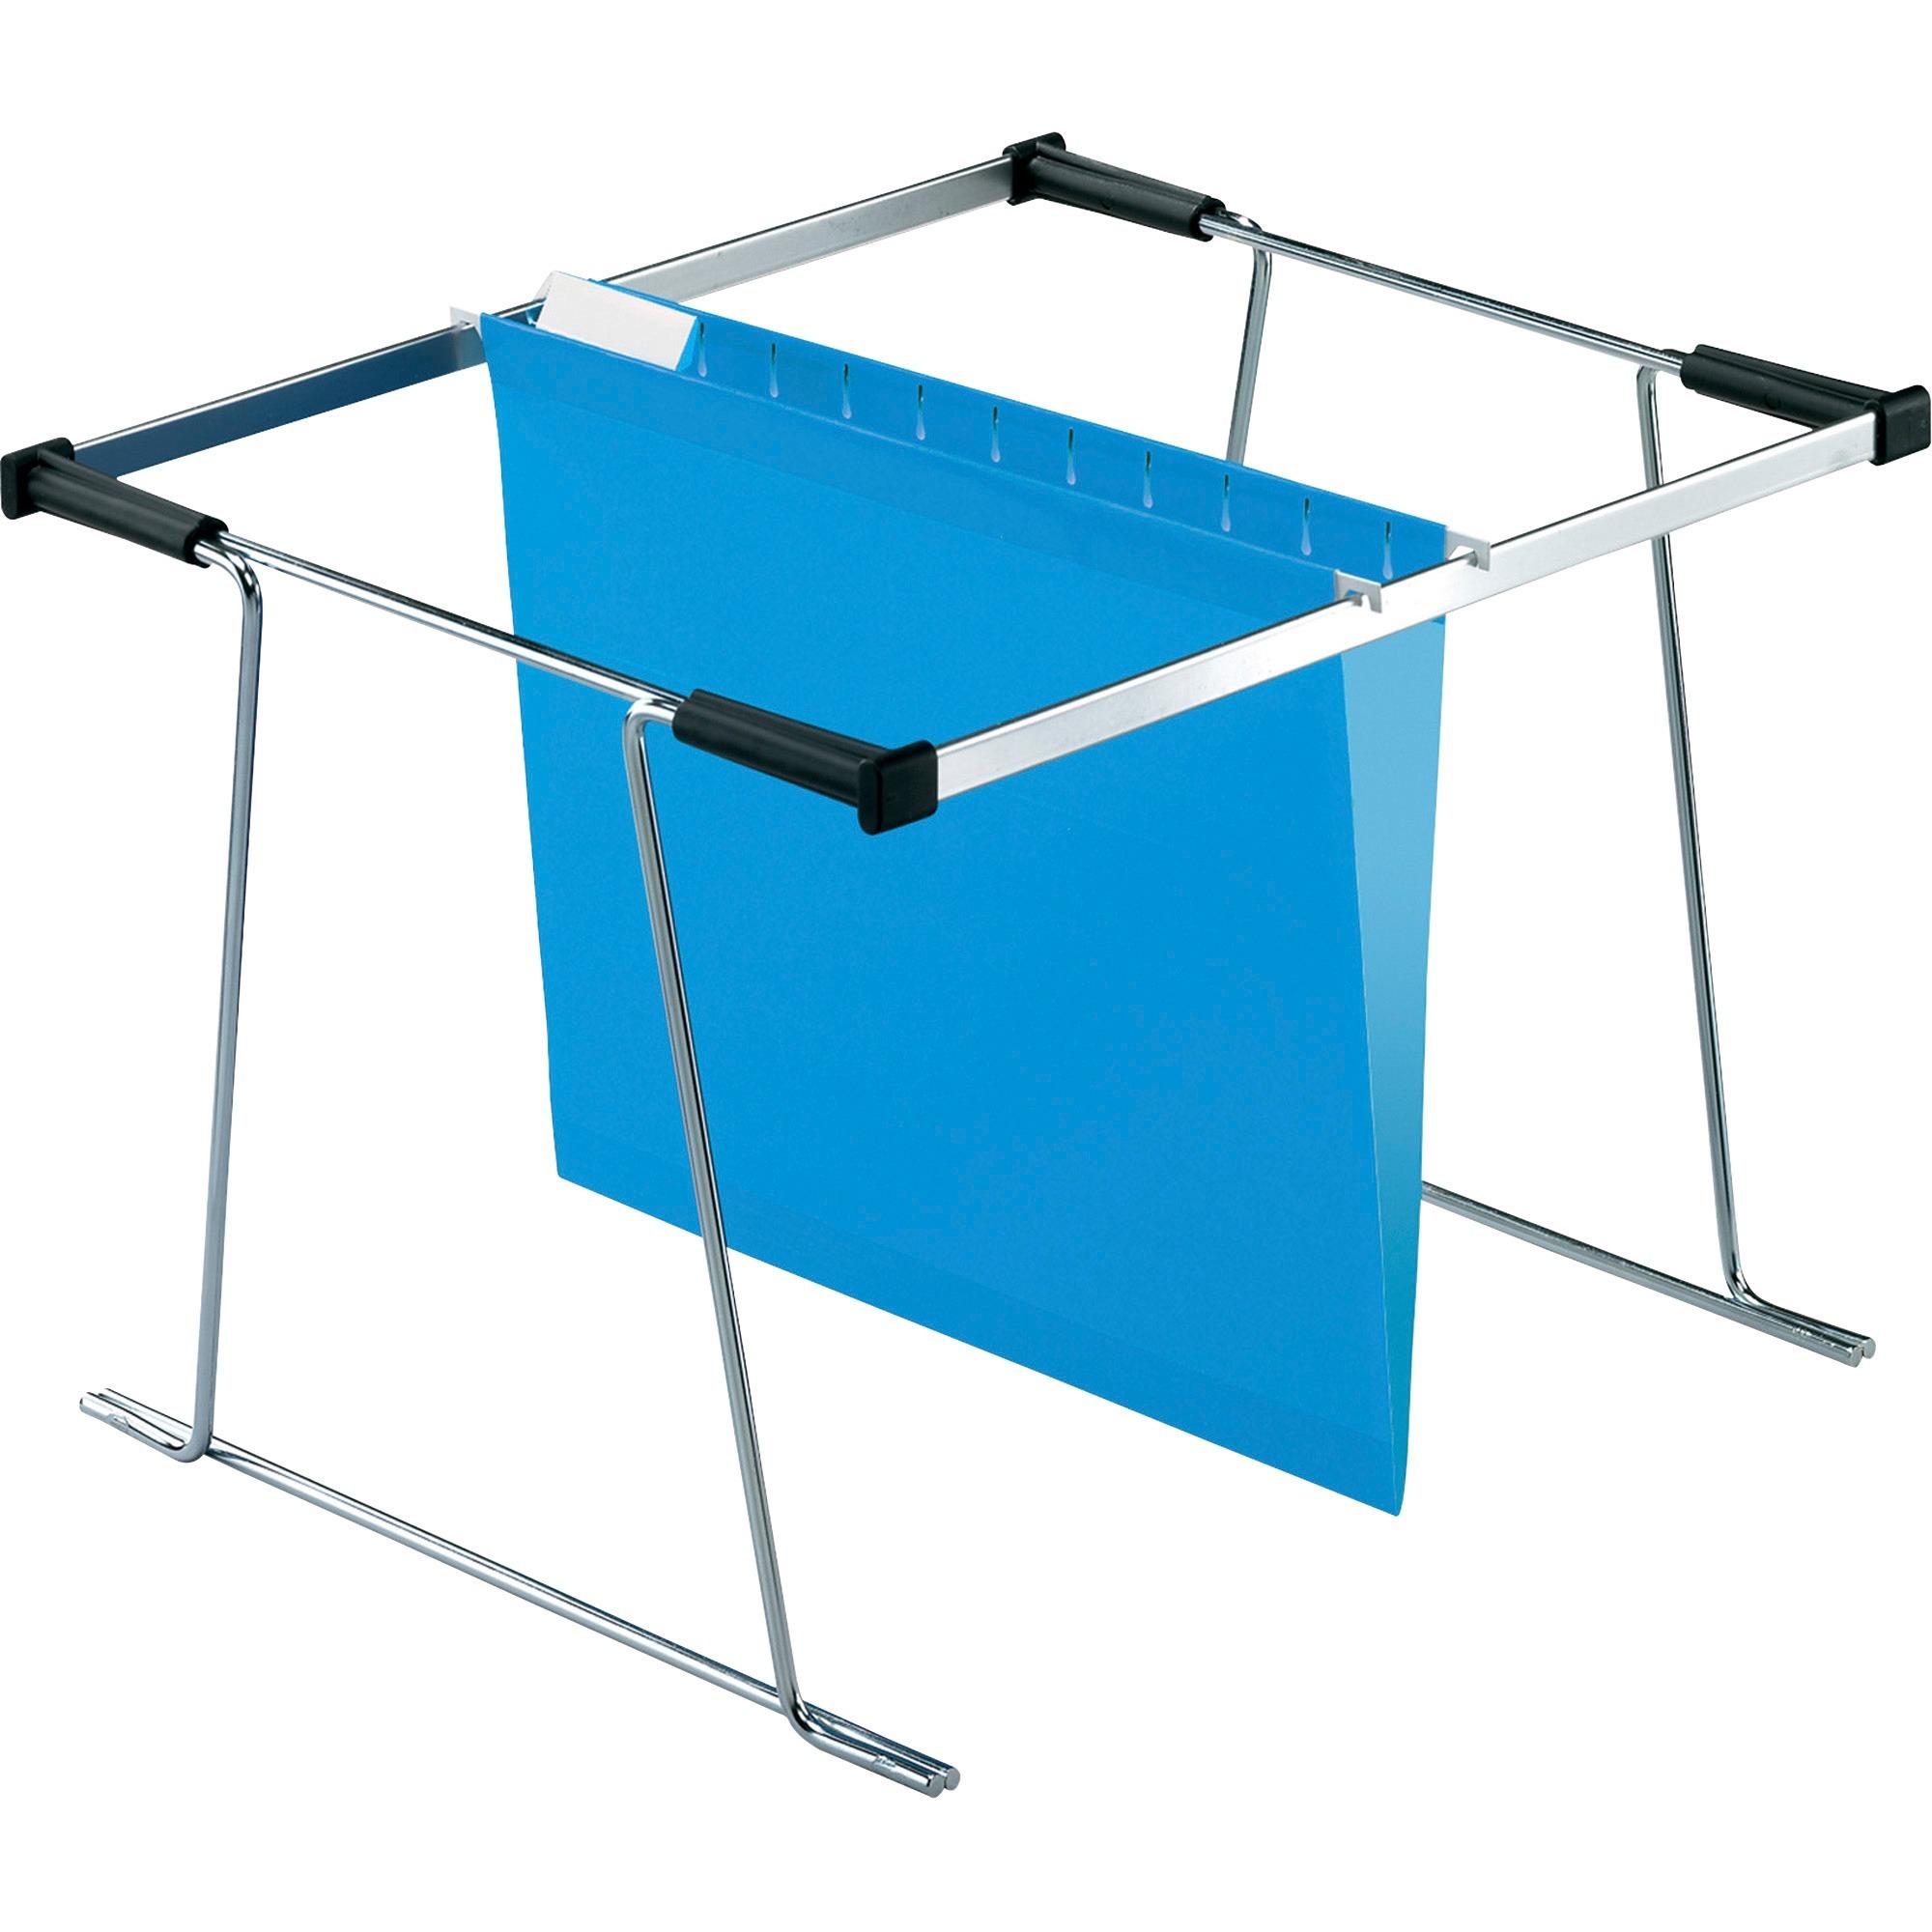 file walmart ideas hanging filing unforgettable image filebinetbinets com drawer cabinet for folder files rails